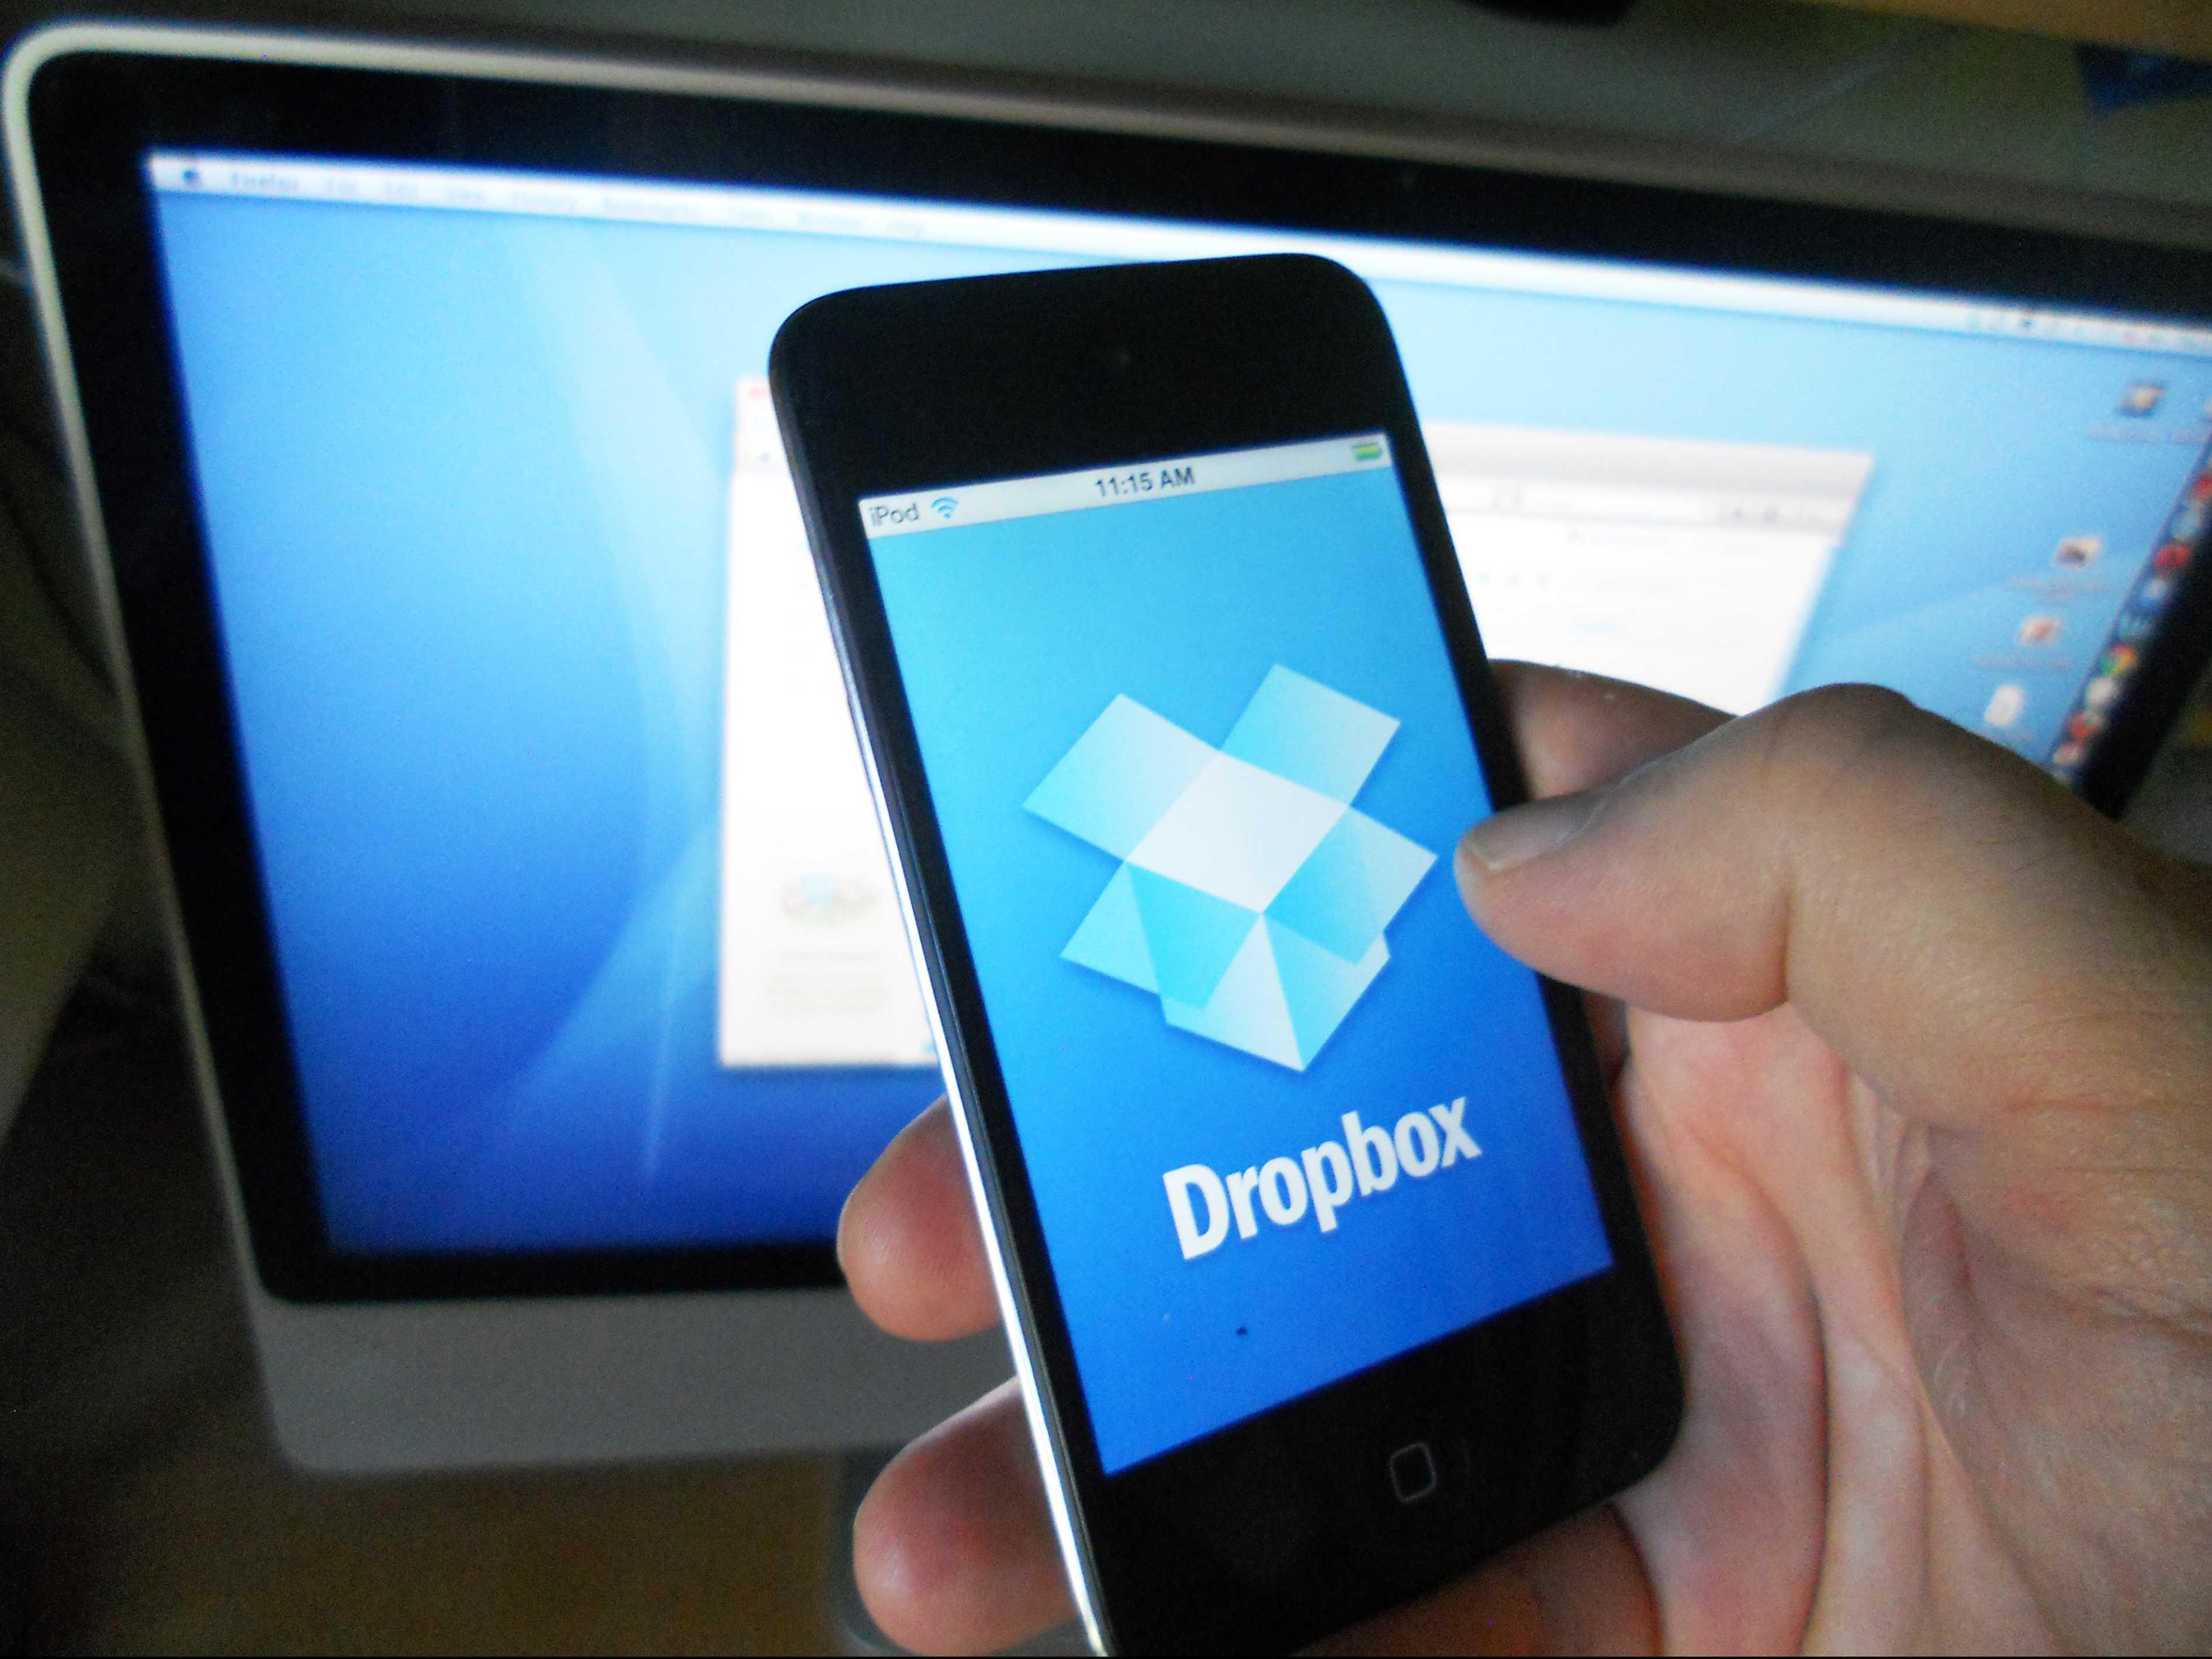 Dropbox Nasıl Kullanılır Dropbox Ne İşe Yarar Dropbox Ne İşe Yarar? Nasıl Kullanılır? dropbox nasil kullanilir